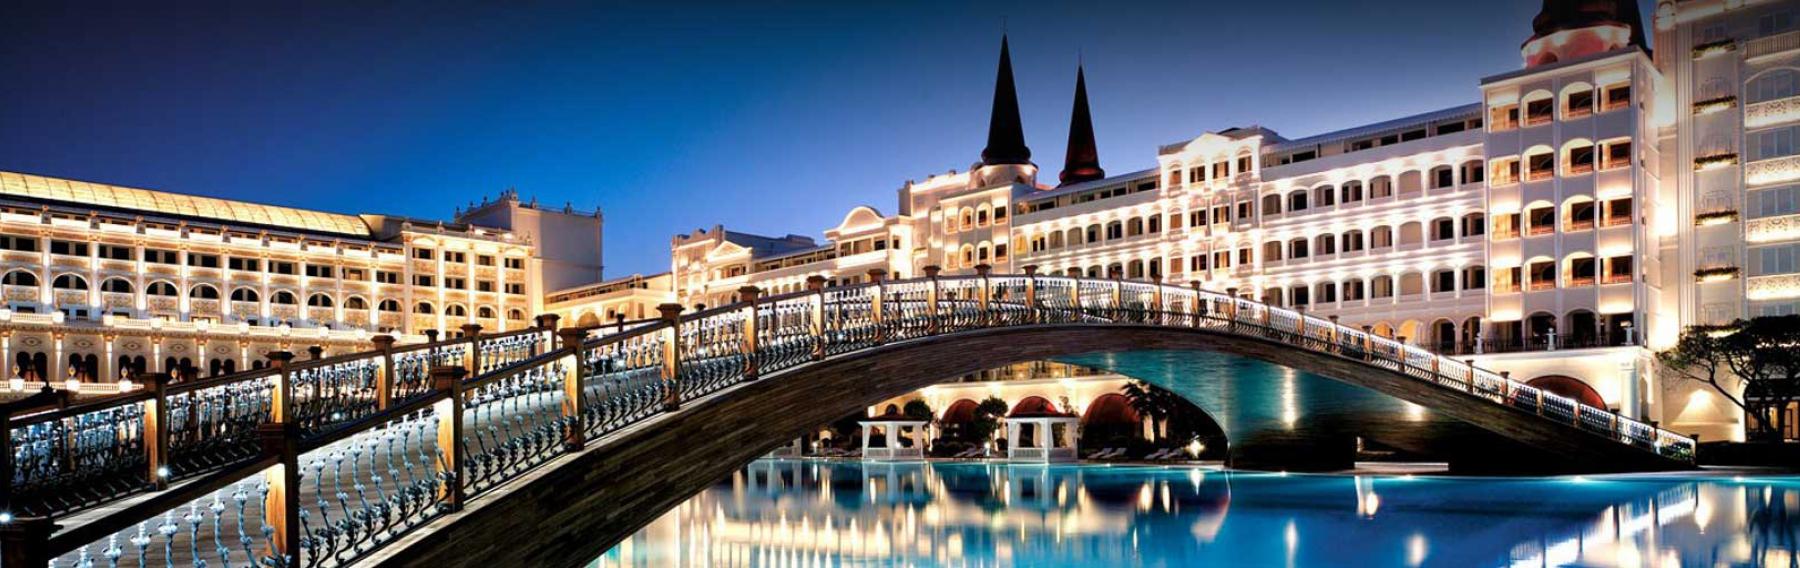 hotels_bg2